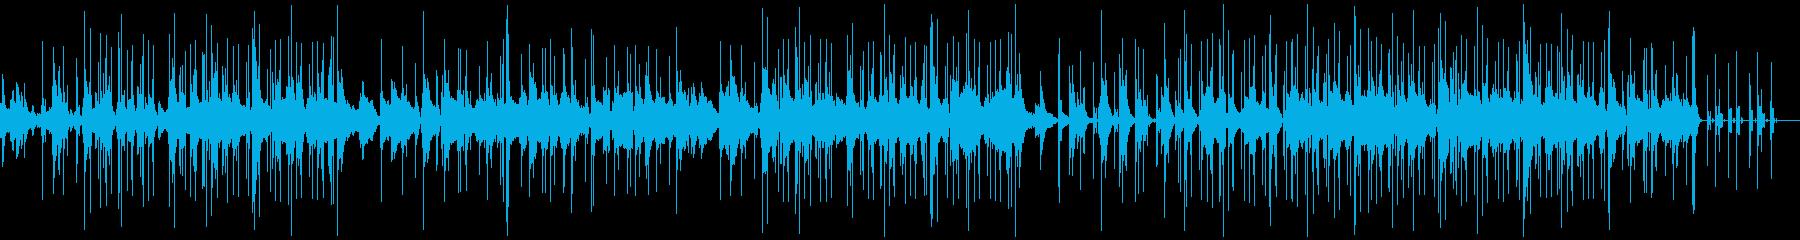 ピアノと電子音がメインのゆったりした曲の再生済みの波形